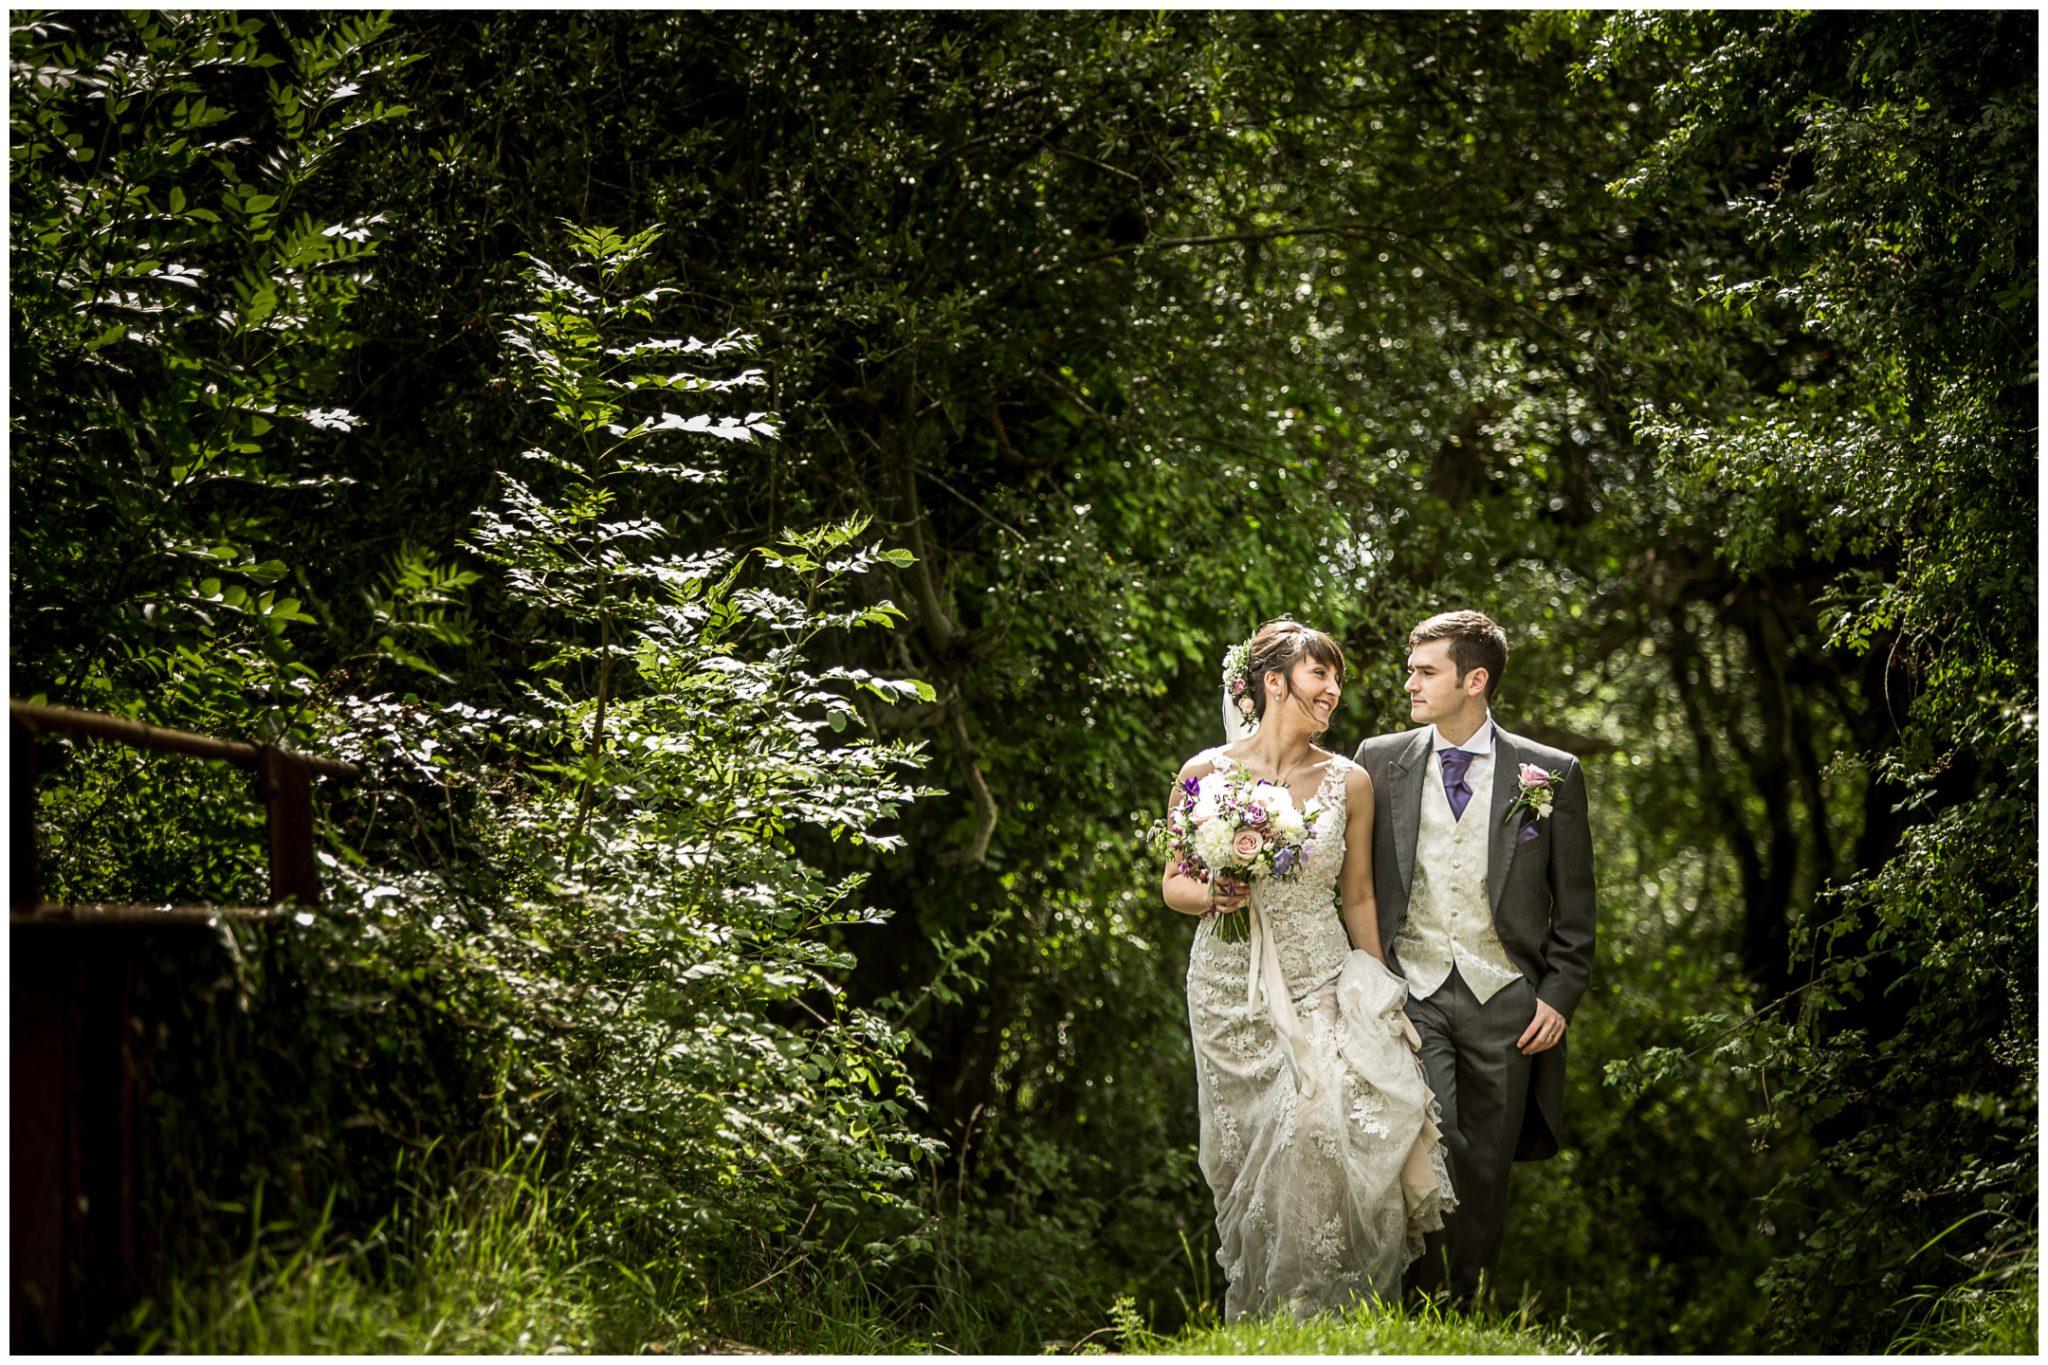 Sopley Mill wedding photography couple walk over bridge